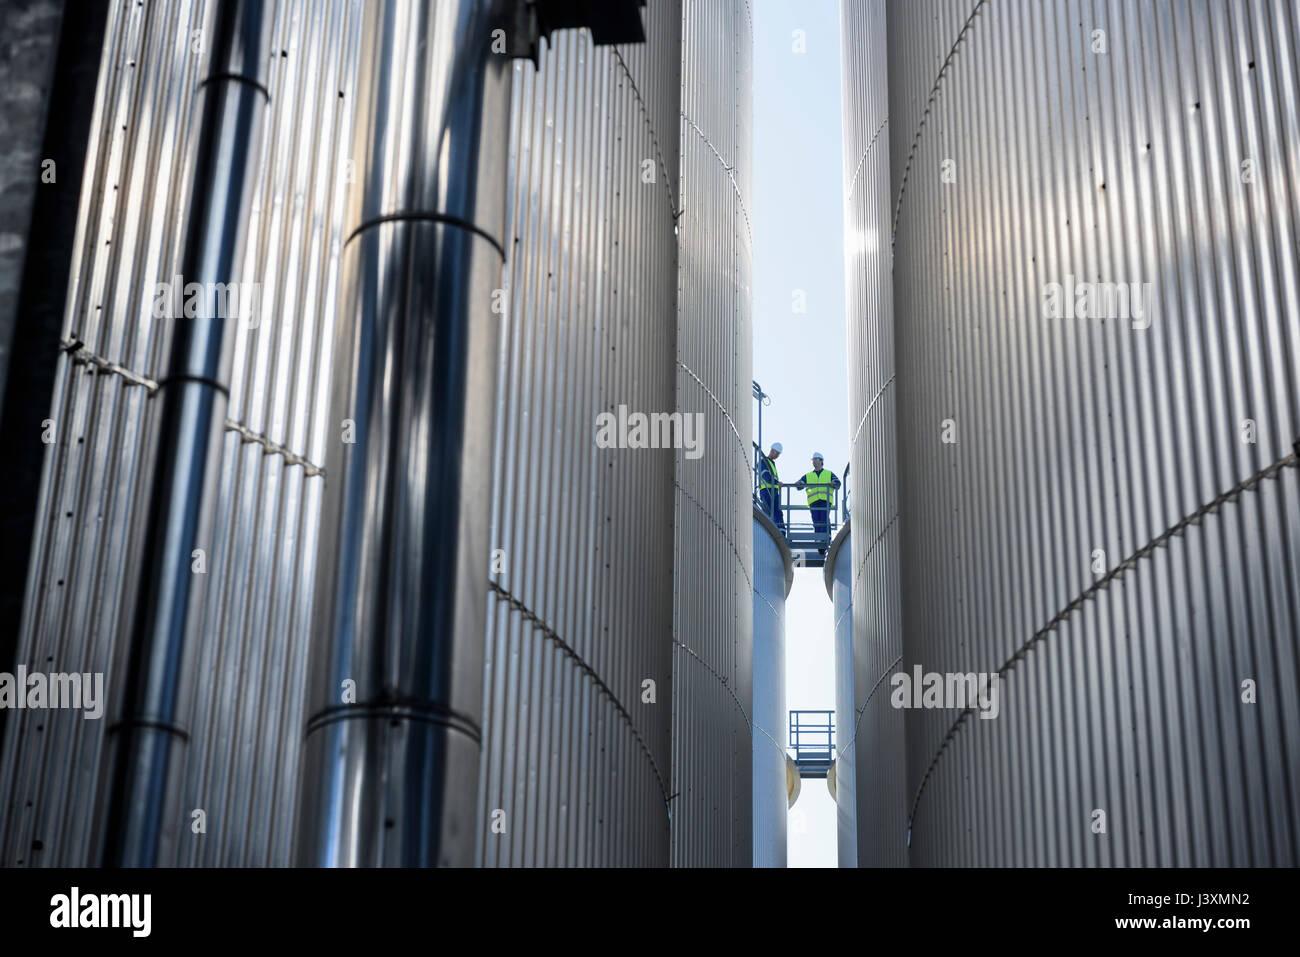 Trabajador en la parte superior de los tanques de almacenamiento de aceite en la fábrica de fusión Imagen De Stock